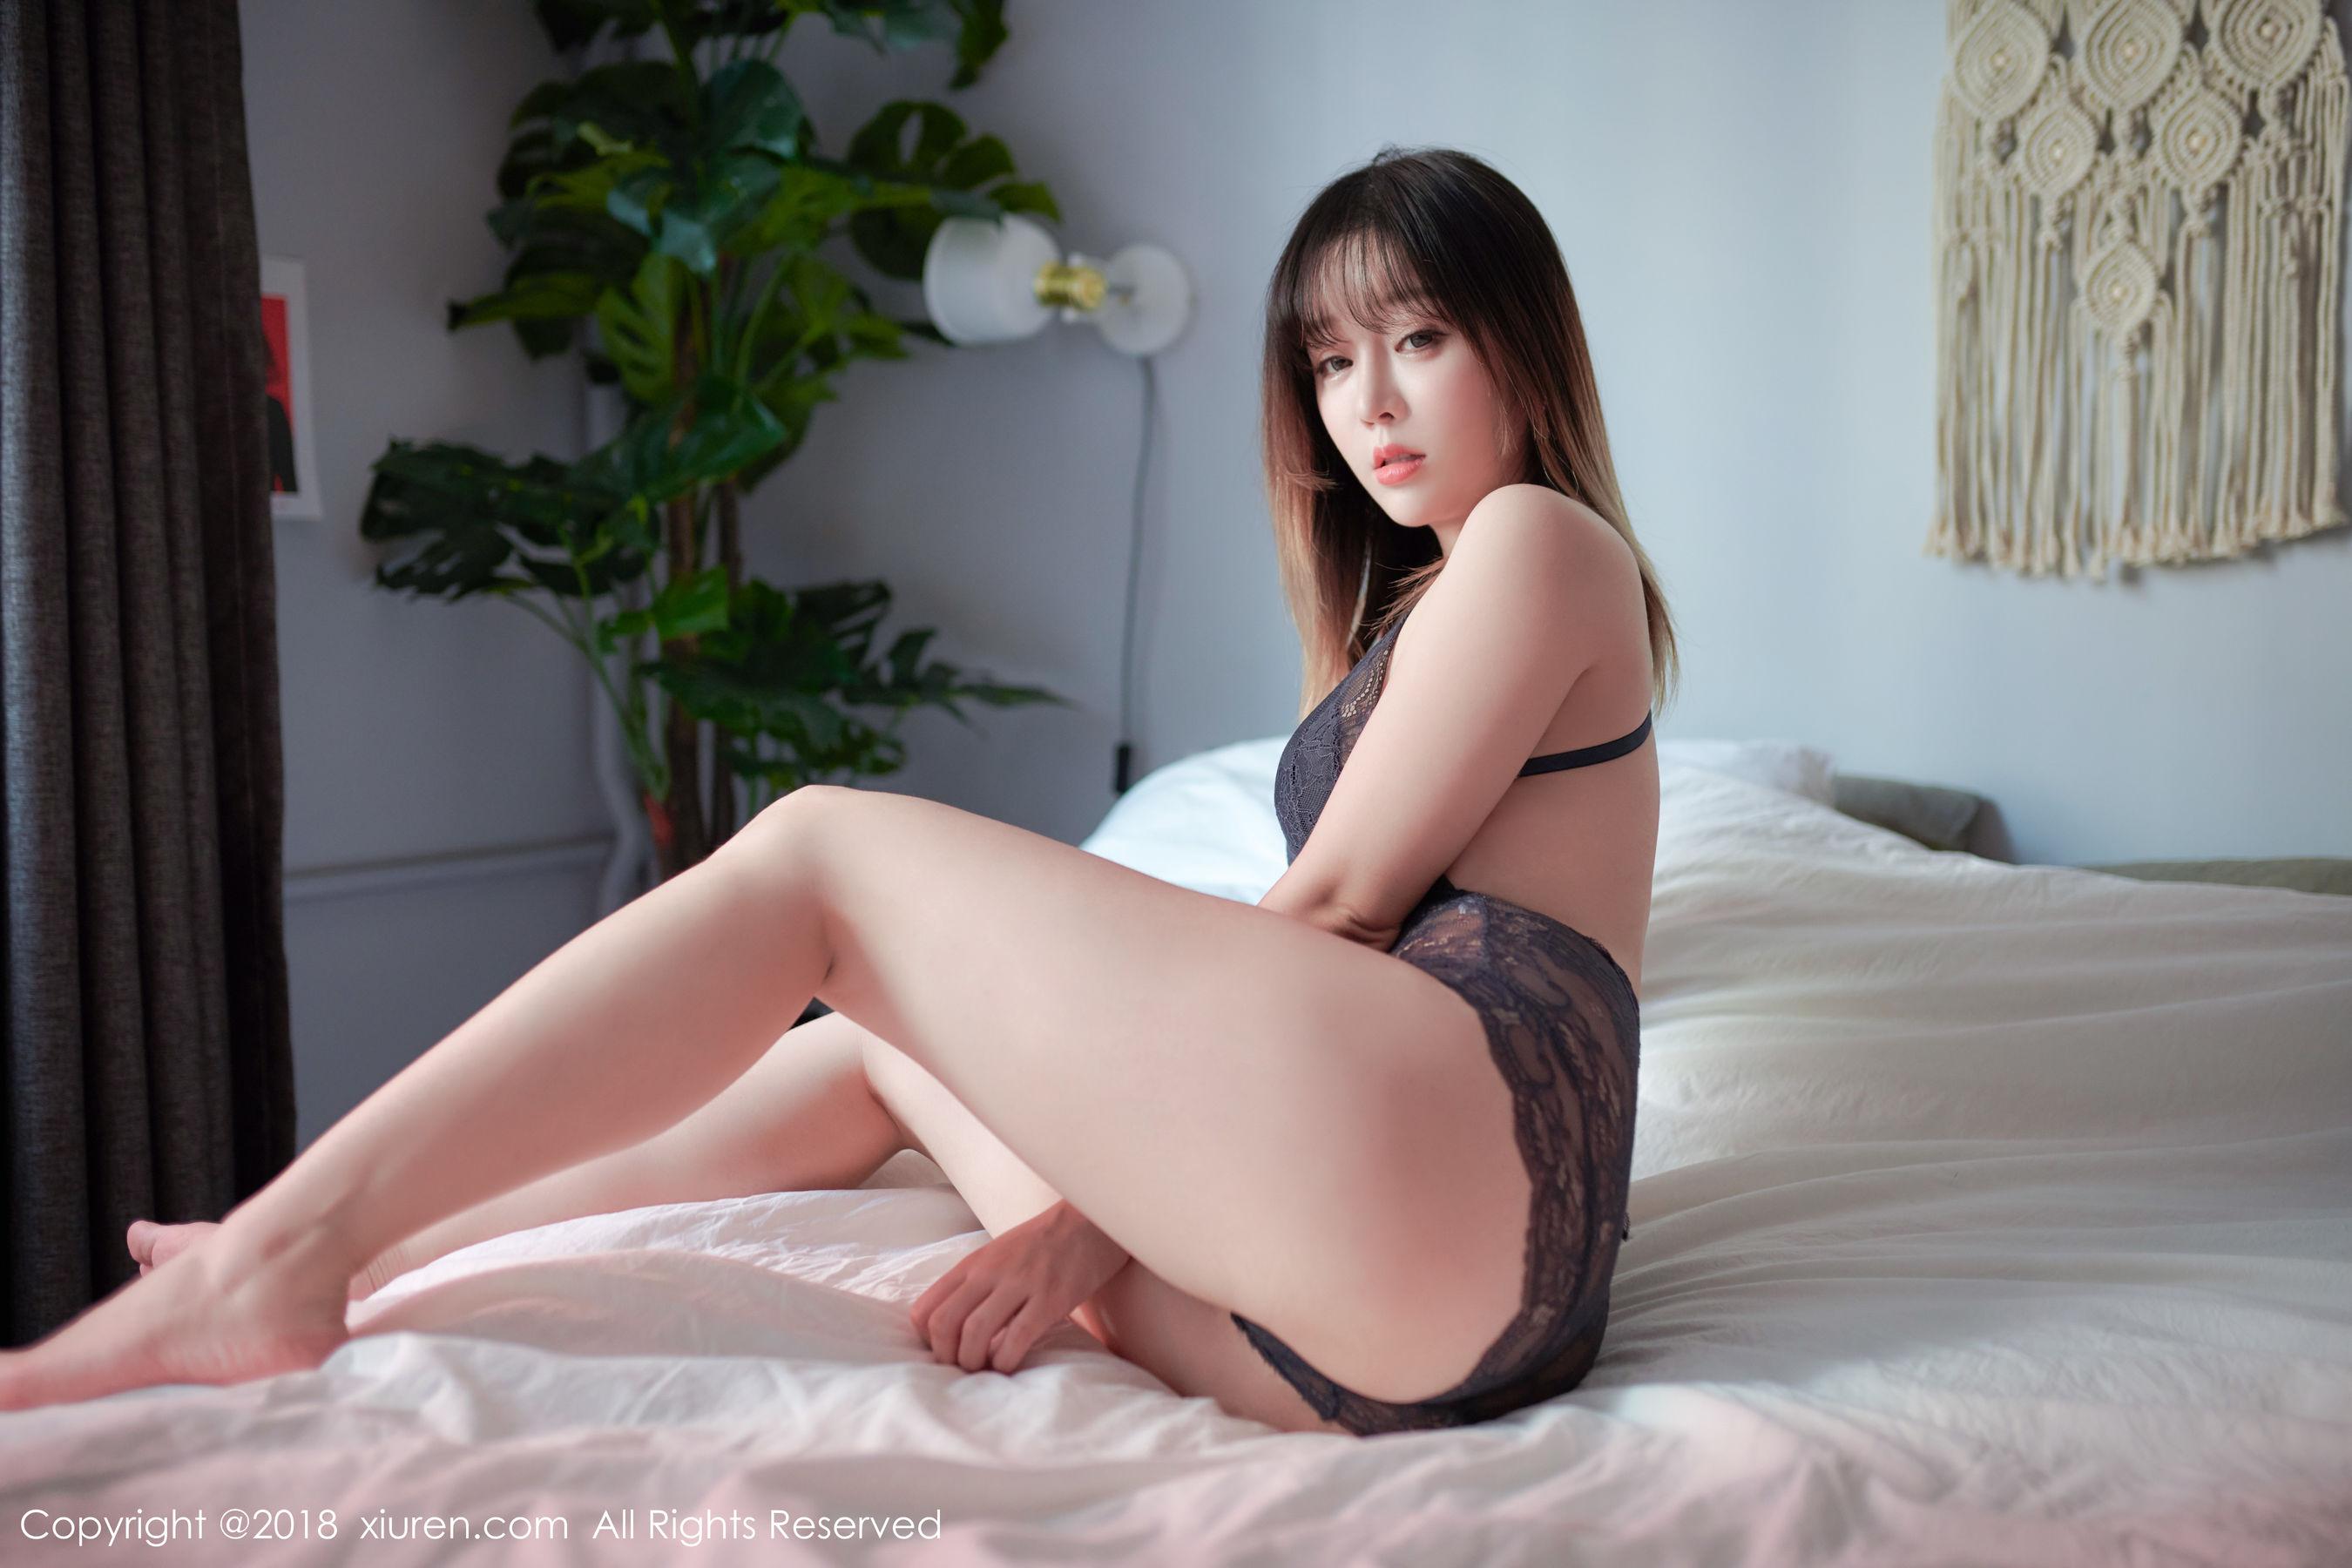 [波萝社] 王雨纯 异常诱惑撩人心扉 高清写真套图